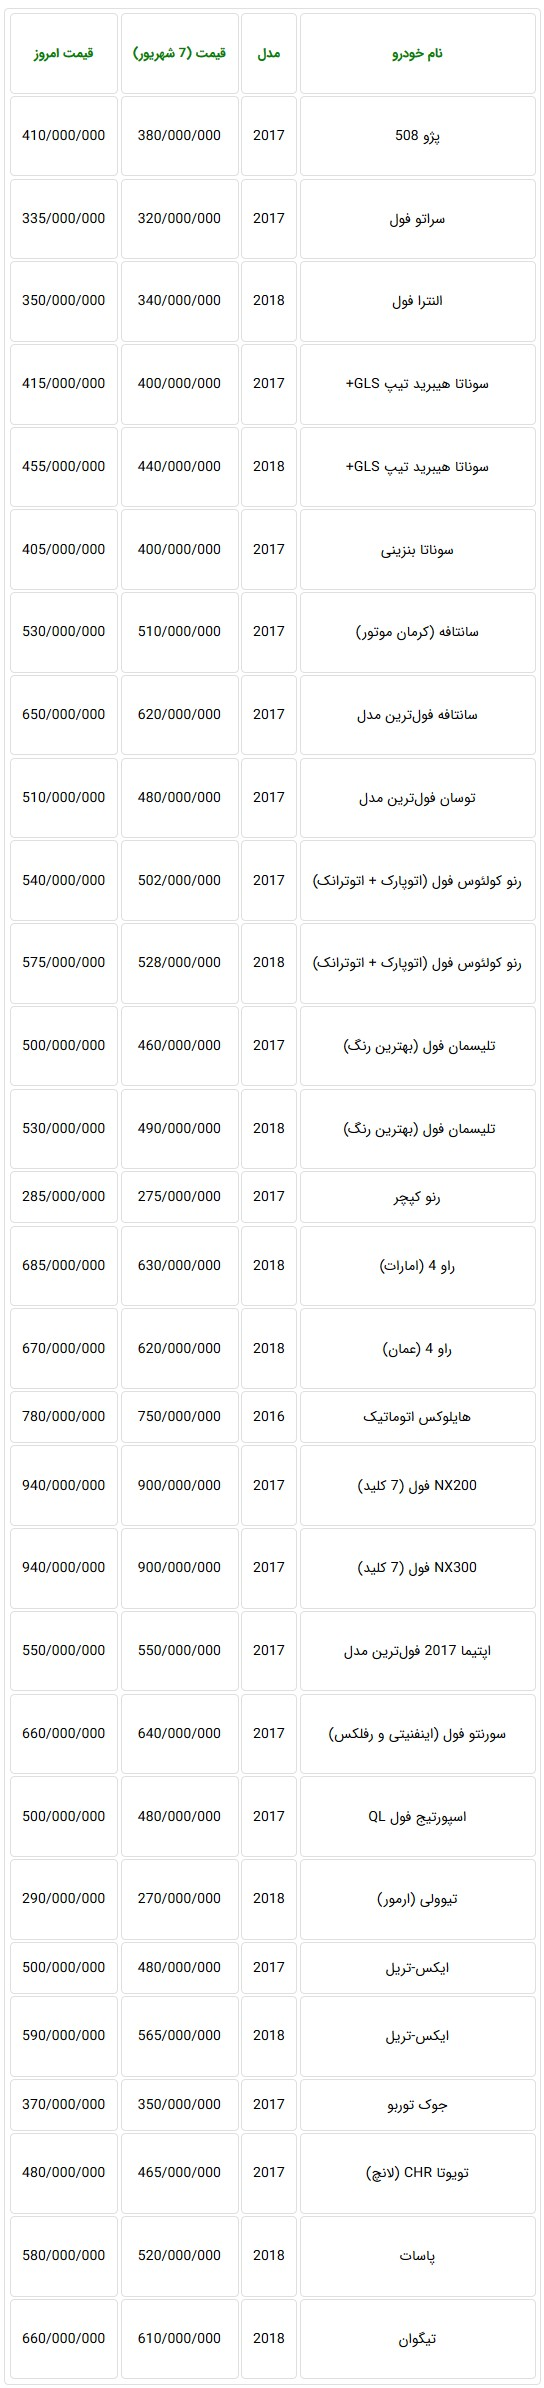 جدول قیمت جدید خودروهای وارداتی در بازار تهران